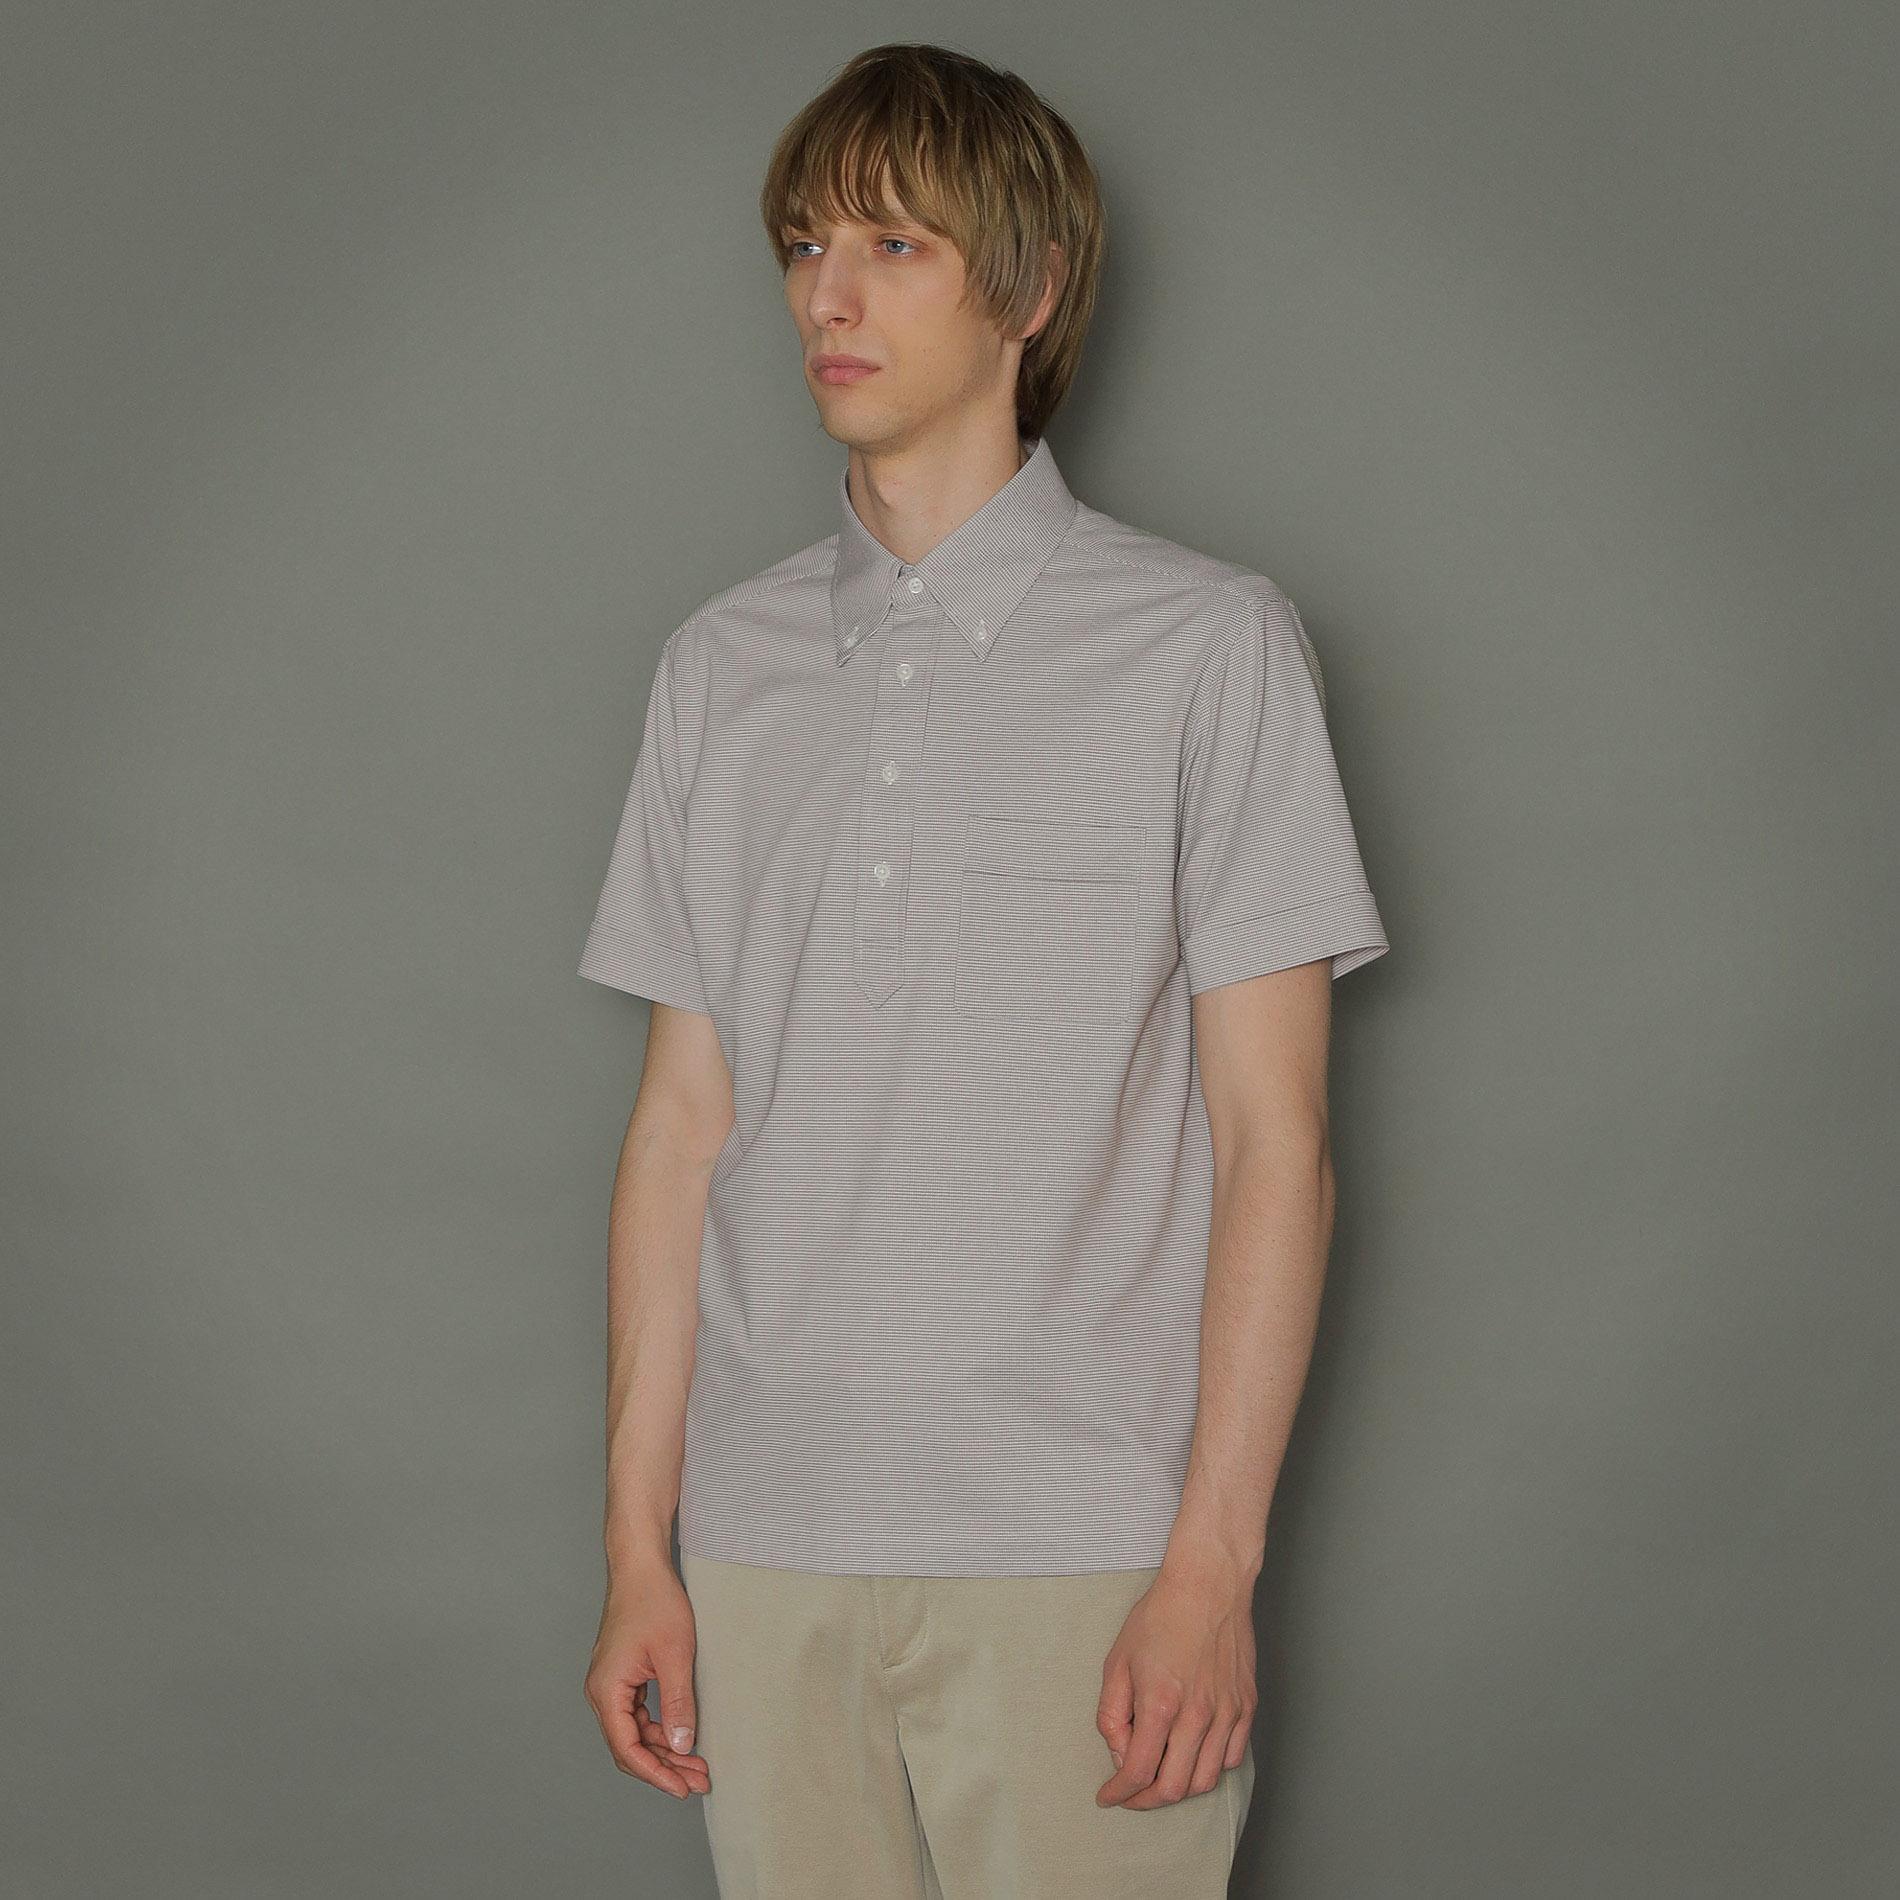 【FLEX JERSEY】ハウンドトゥースジャージドレスポロシャツ